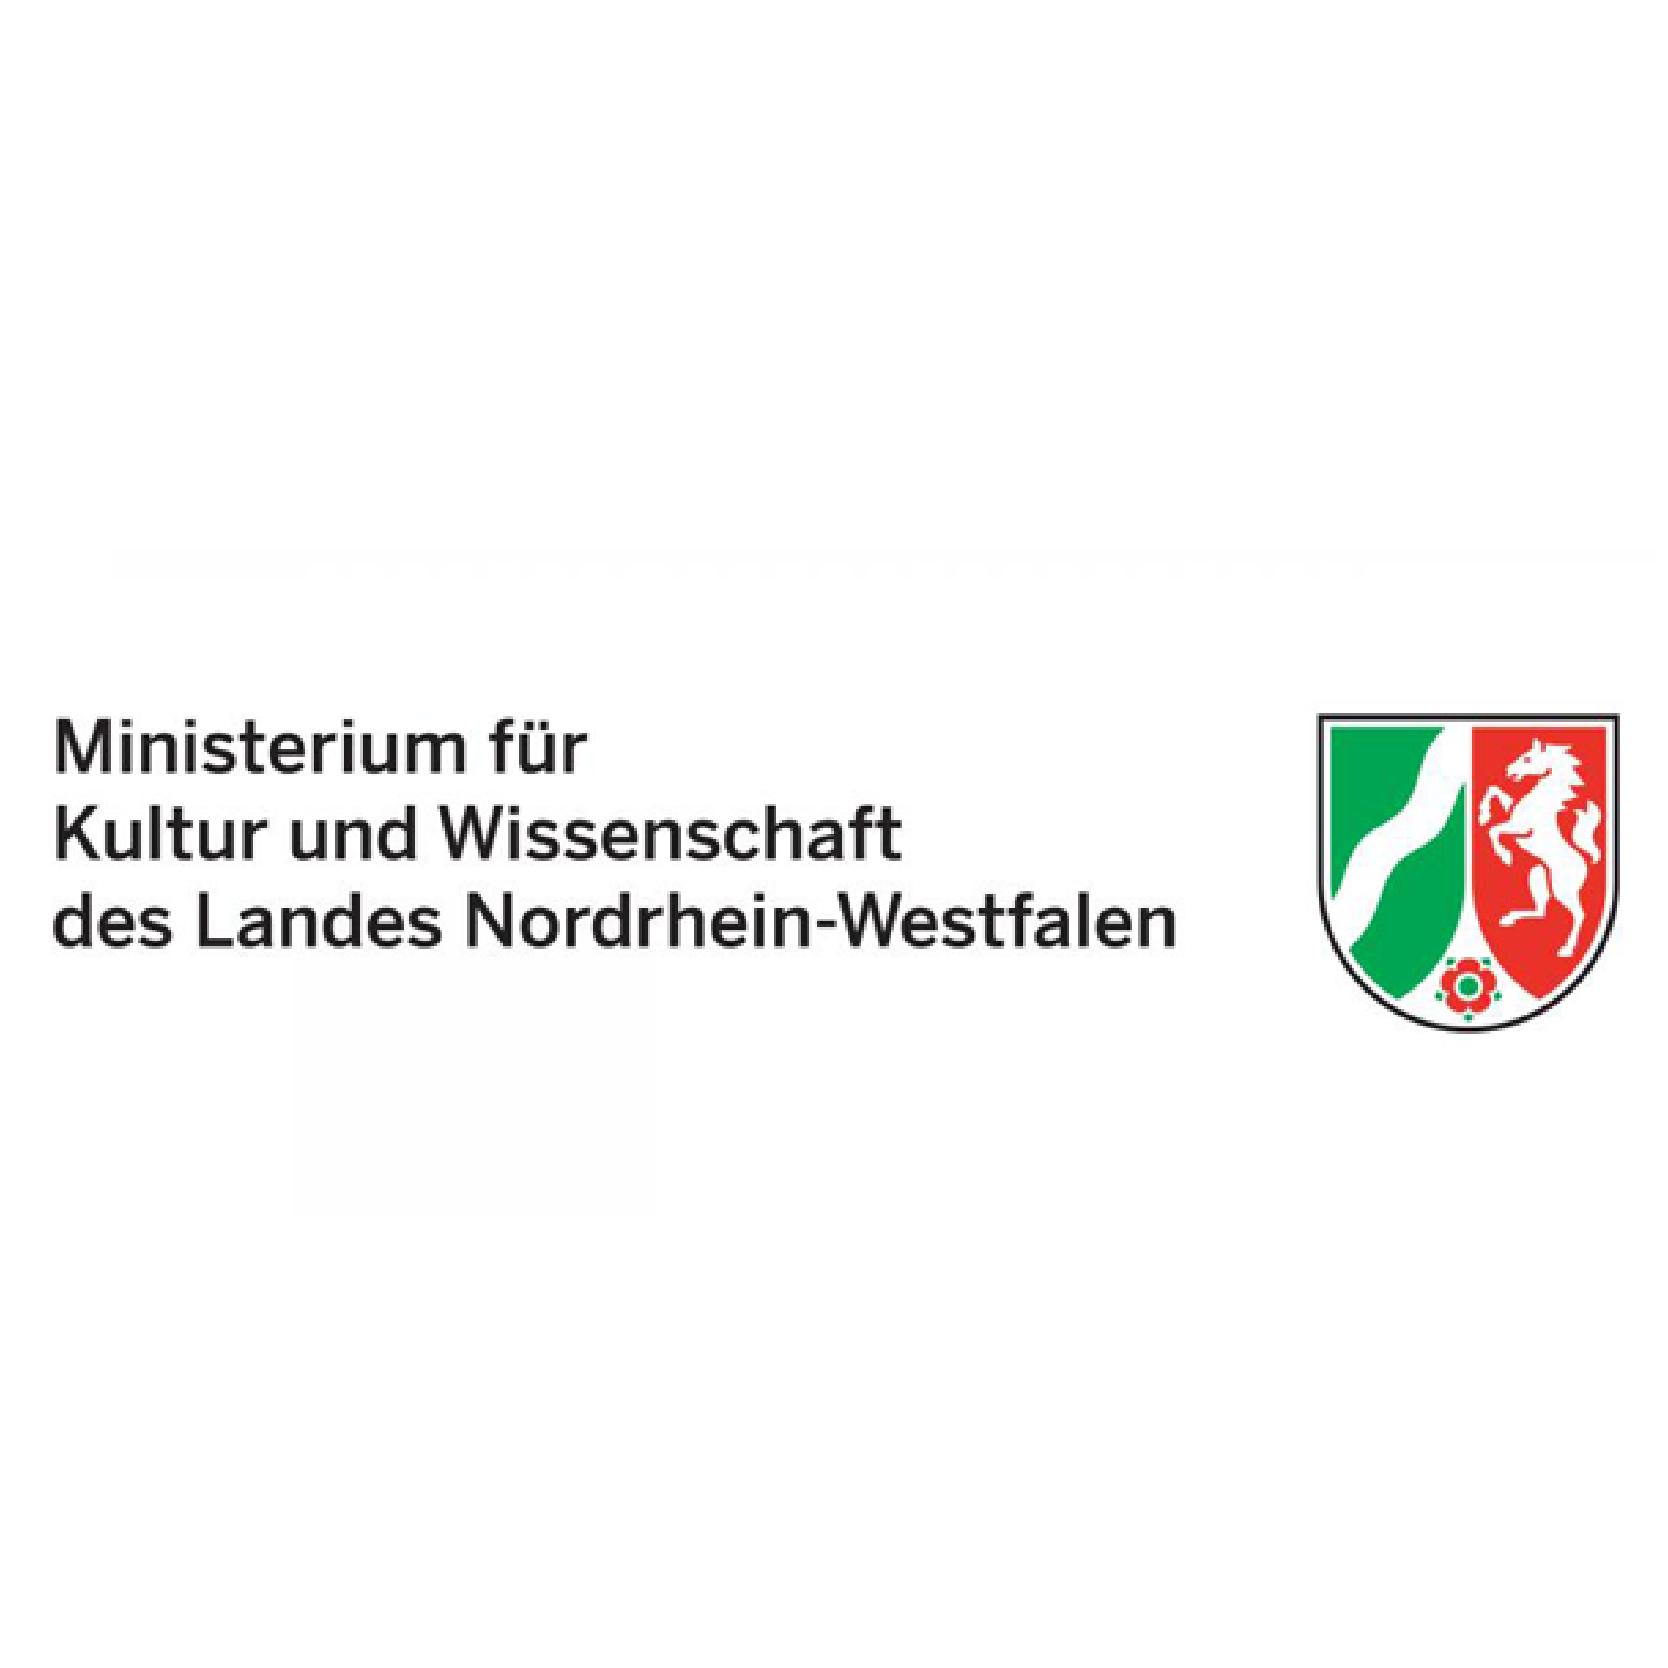 Ministerium für Wirtschaft NRW Logo